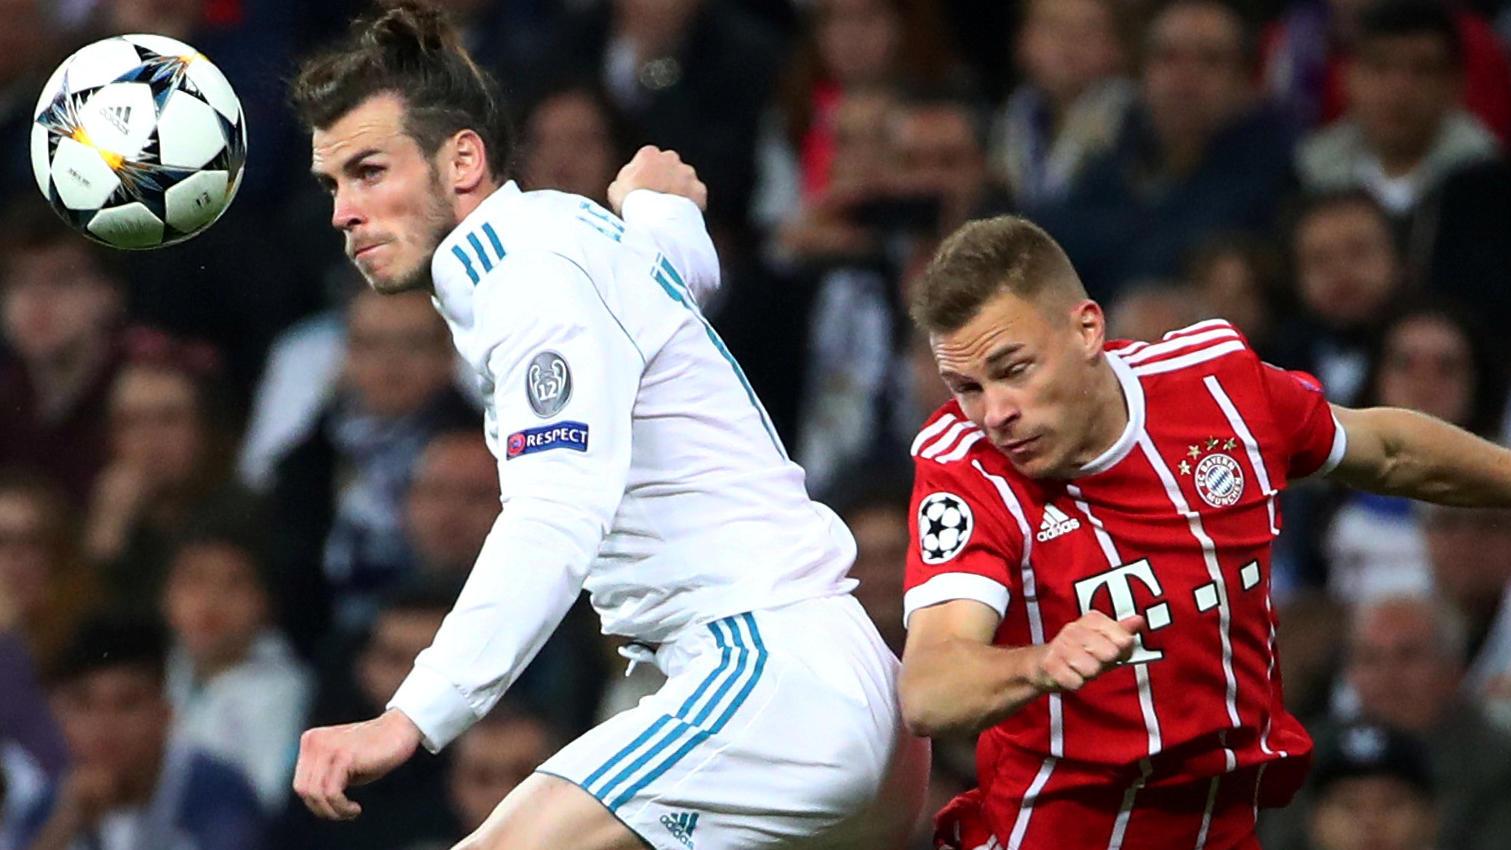 FILE PHOTO: Champions League Semi Final Second Leg - Real Madrid v Bayern Munich